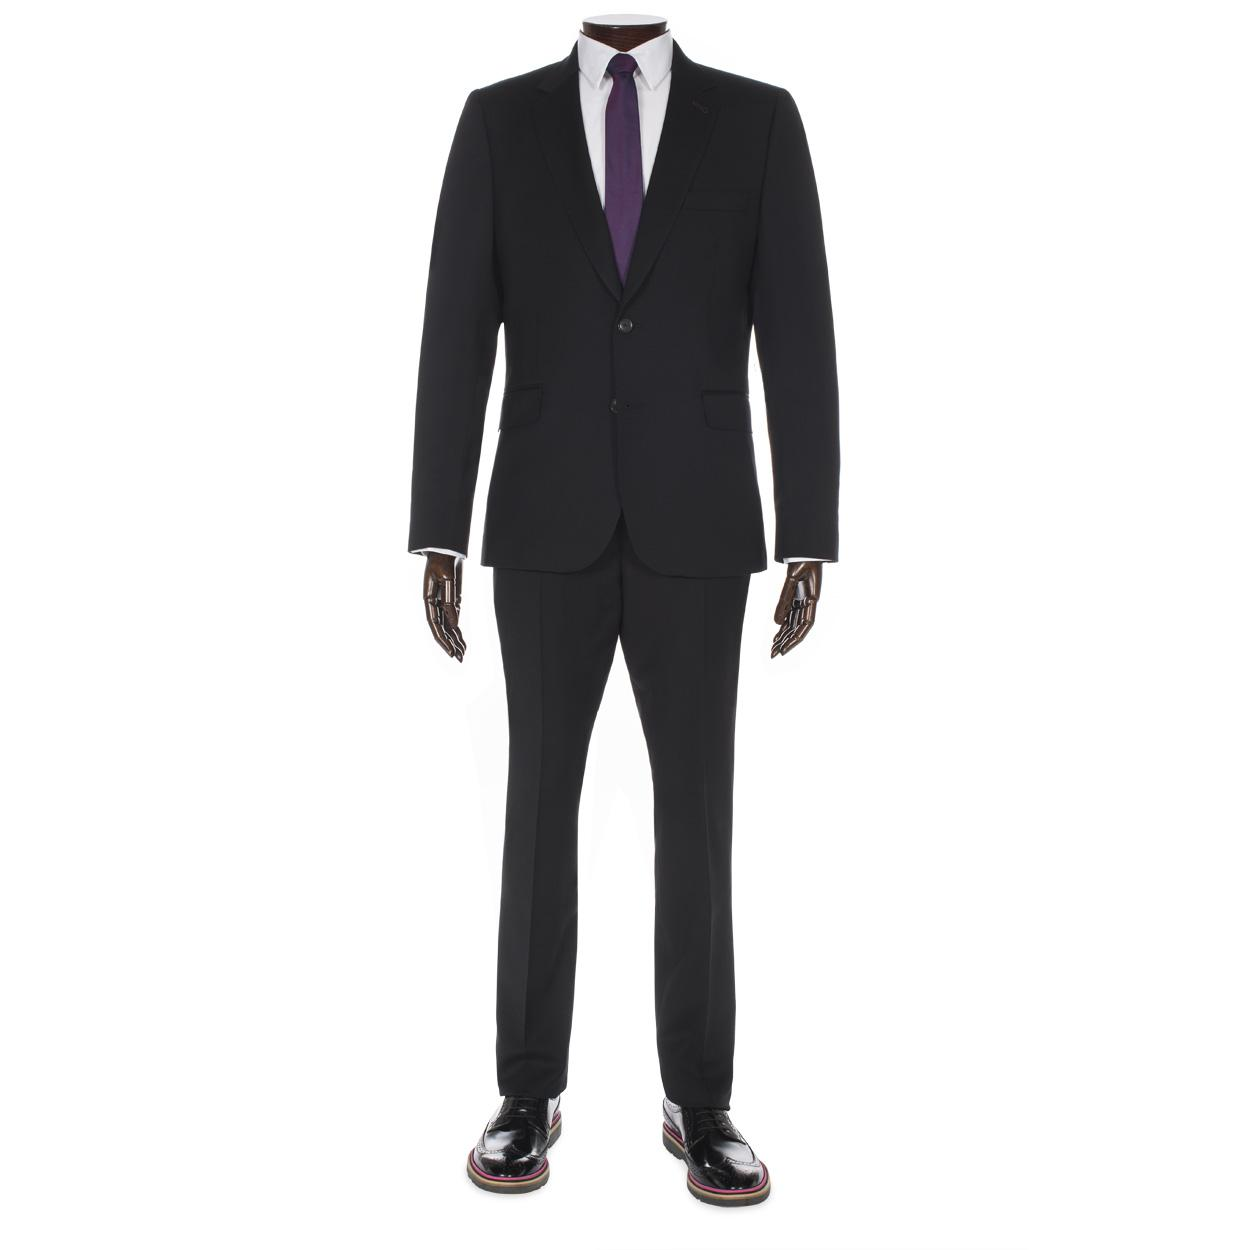 Suit Clipart #8